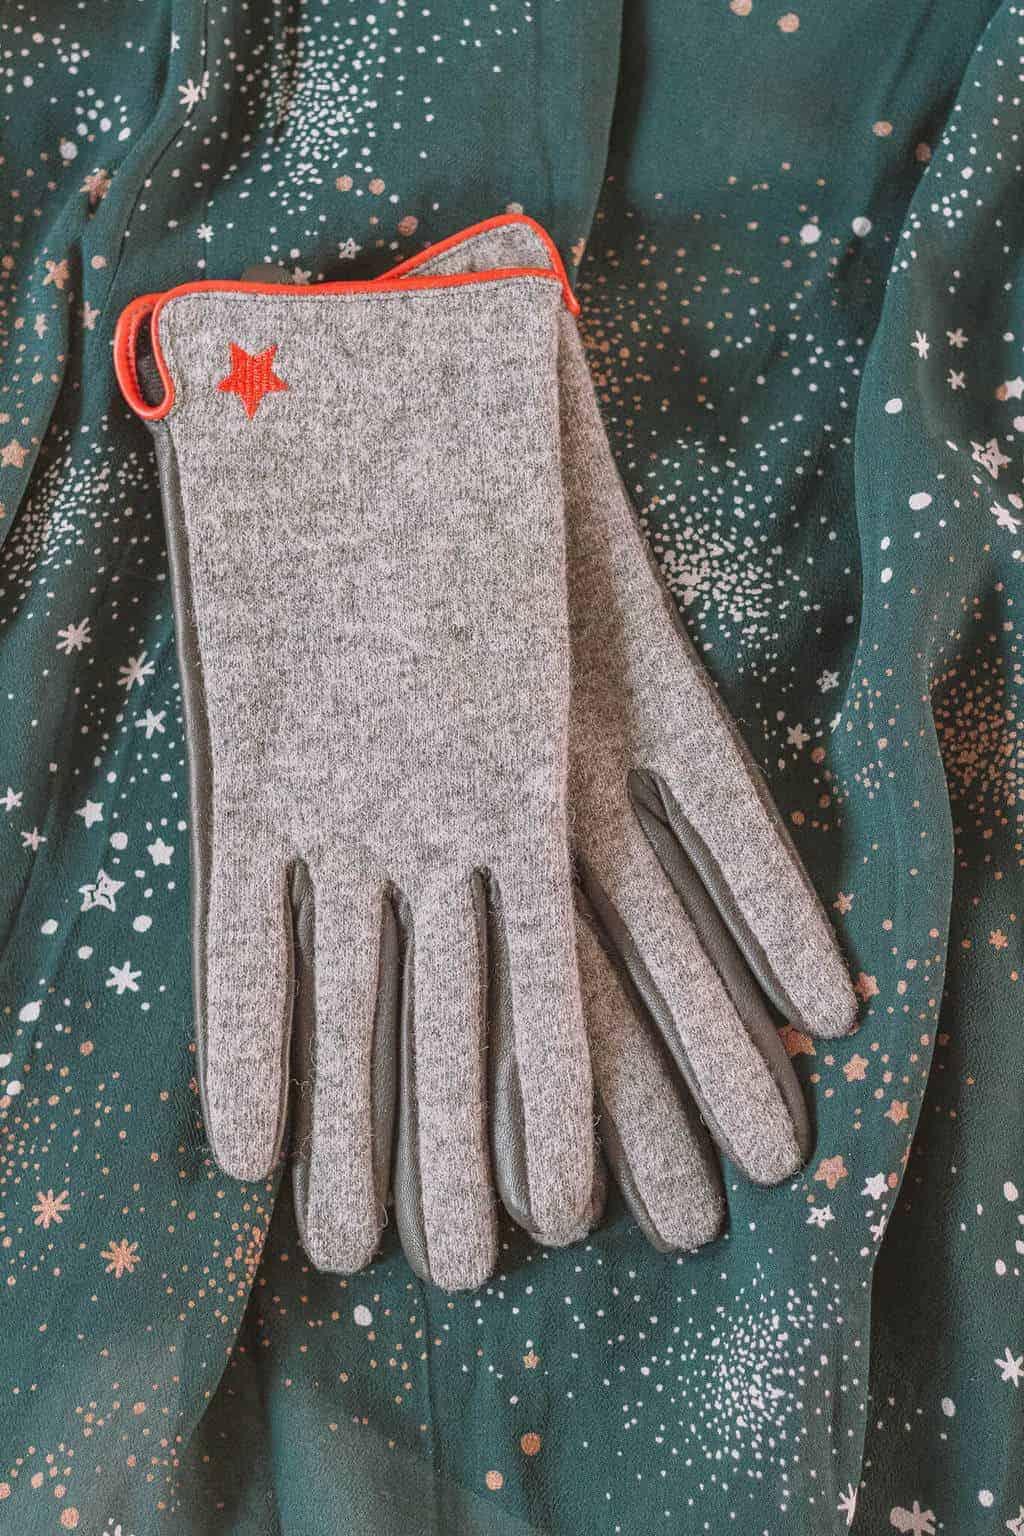 Gloves - Christmas Gift Guide 2018: Brilliant Christmas Gift Ideas For Her #whatshotblog